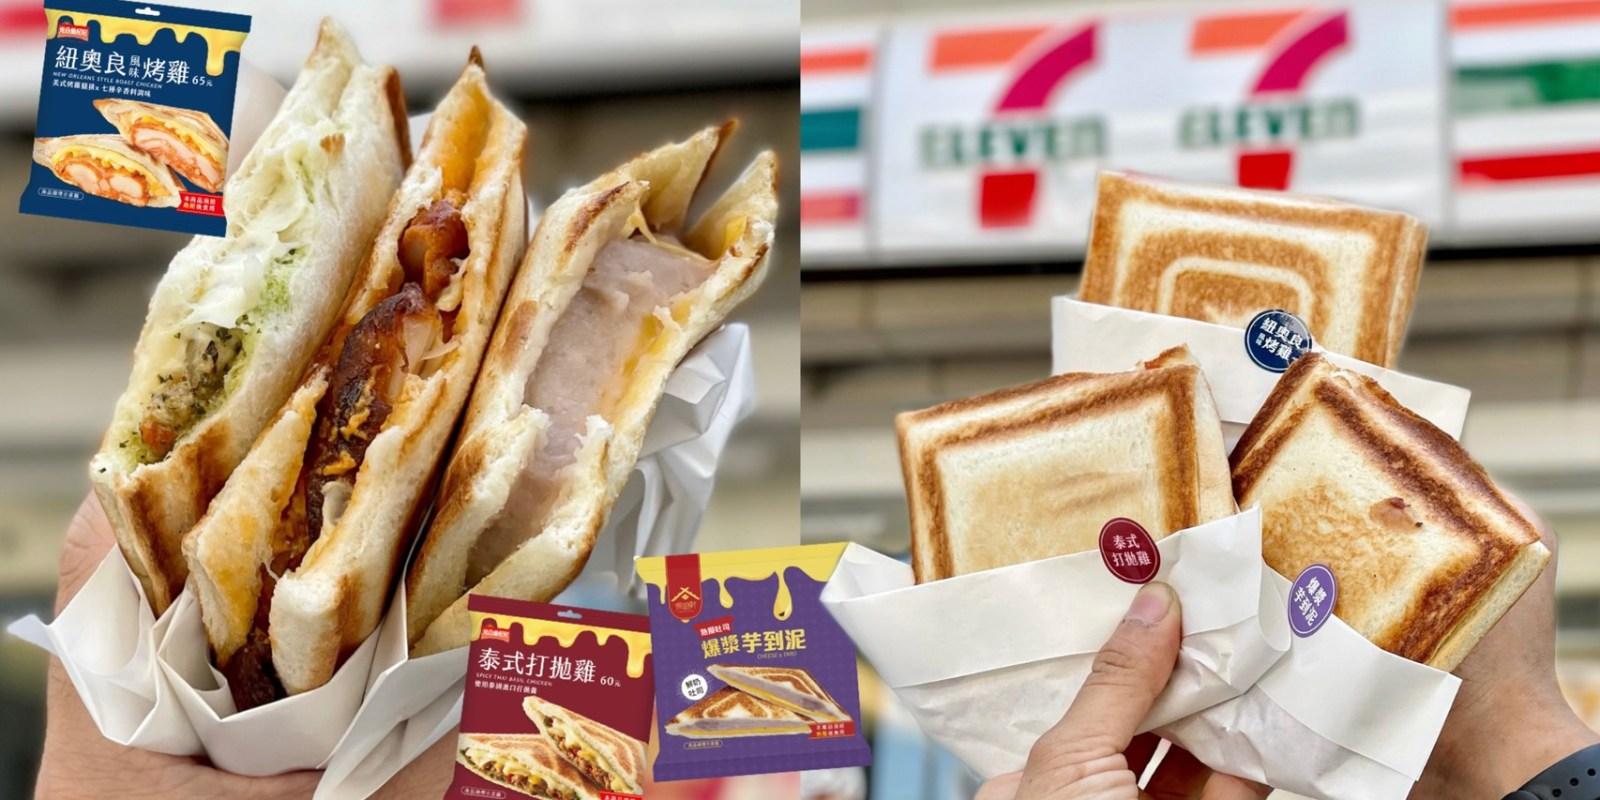 終於吃到傳說中的「7-11熱壓吐司」啦!個人推薦泰式打拋雞、爆漿芋到泥。(內有全台販售門市資訊可以查詢)